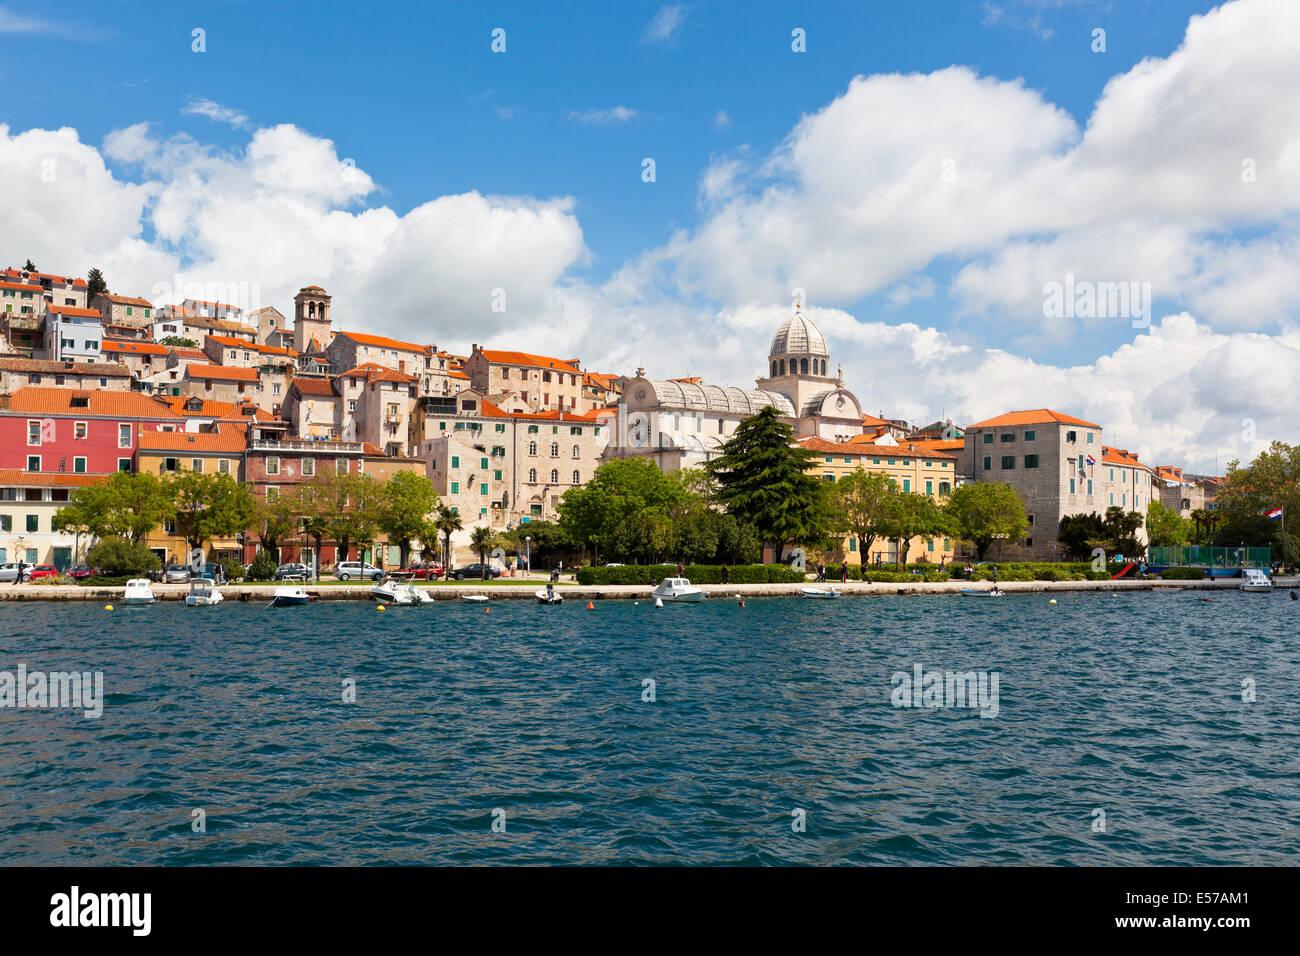 Sibenik ist eine historische Stadt und Hafen an der Adria in Kroatien Stockbild